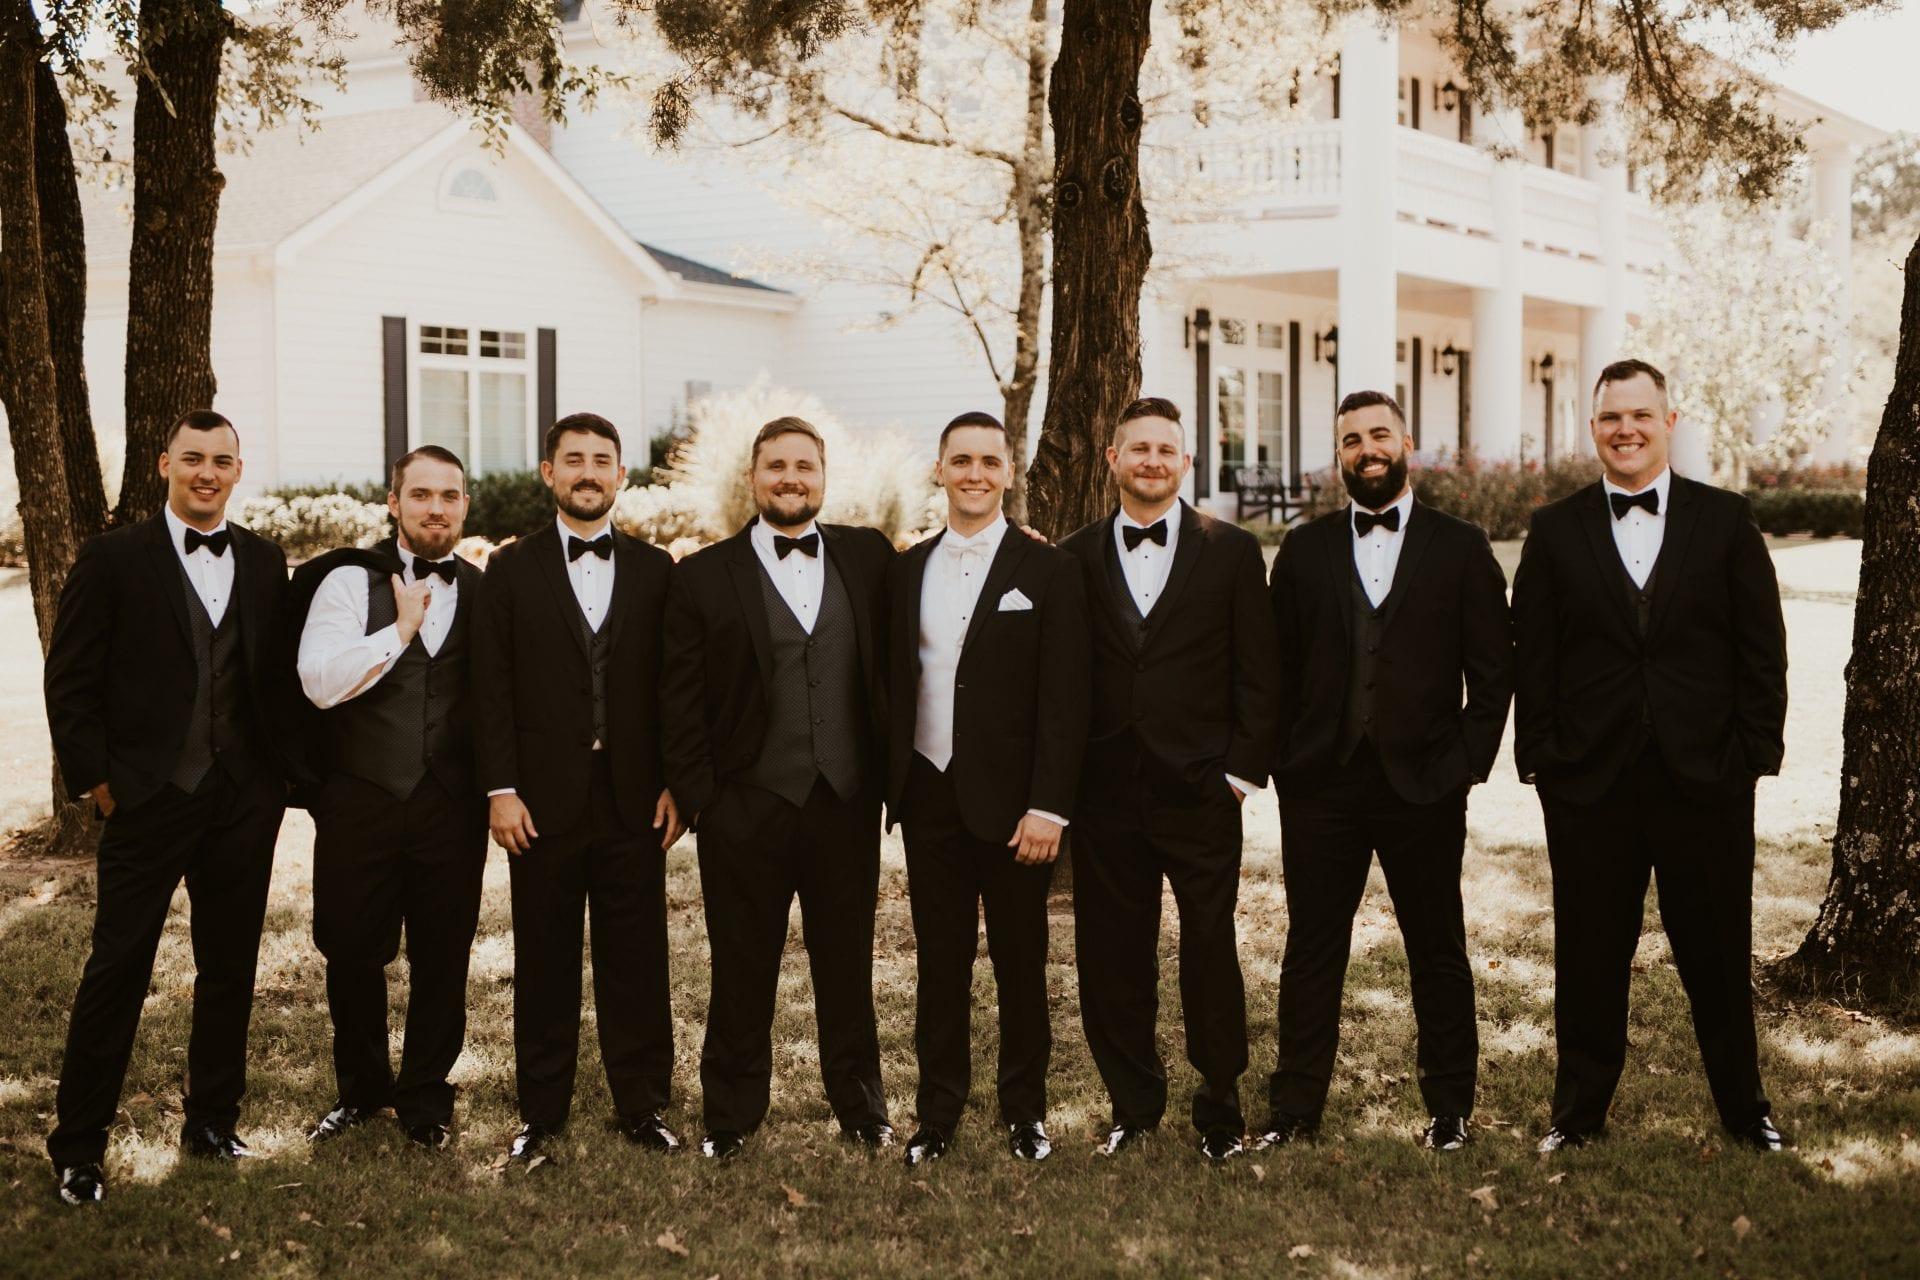 tsphoto cabell wedding 45 - Premier W.E.D.